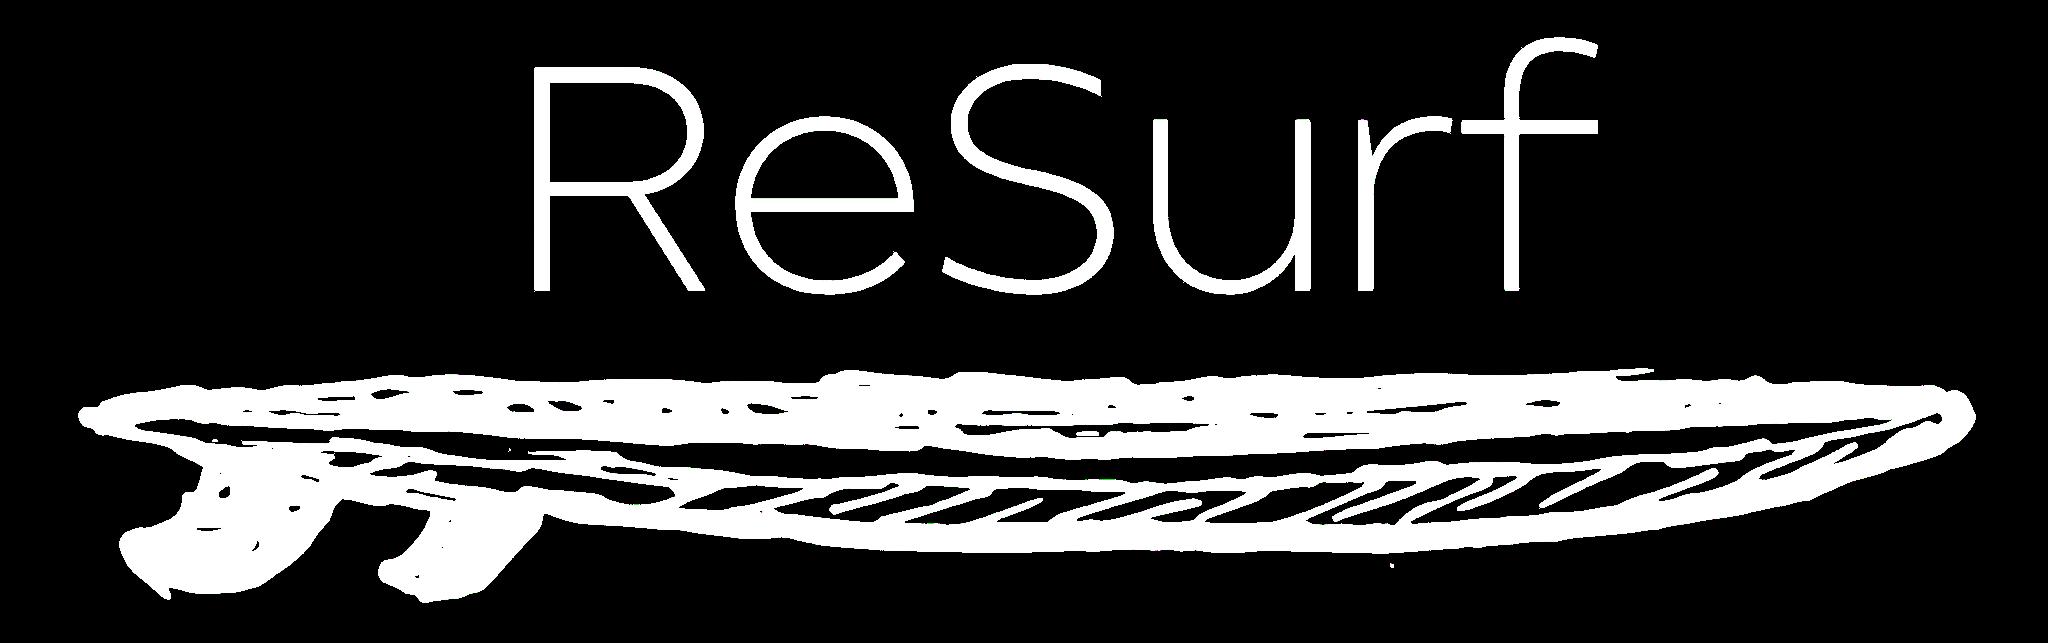 ReSurf